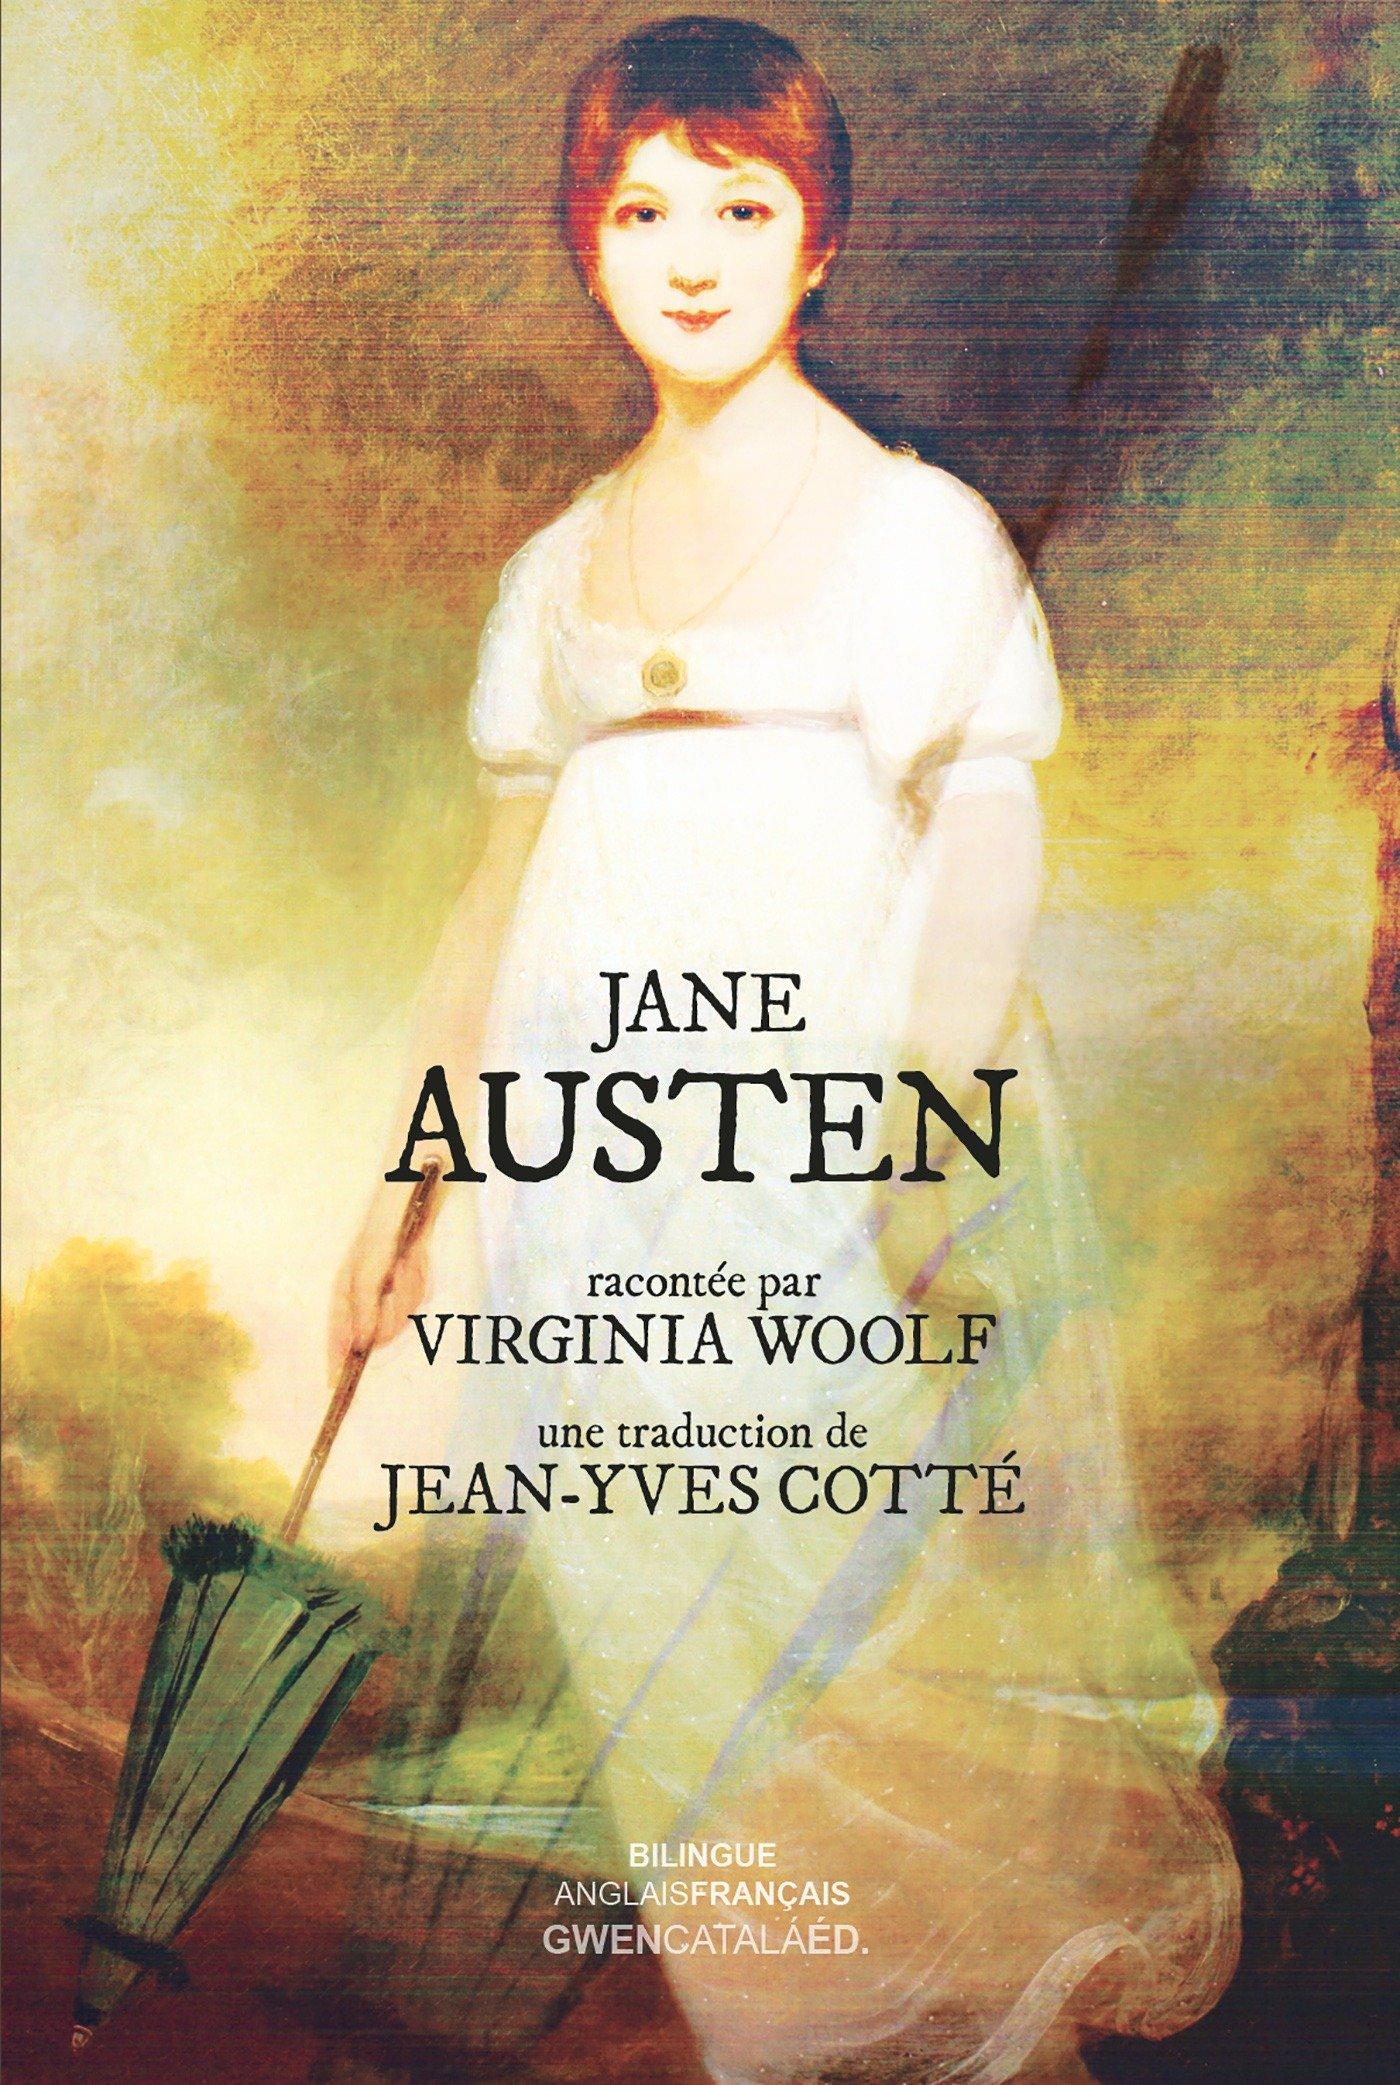 Jane Austen: racontée par Virginia Woolf (Entre les lignes)